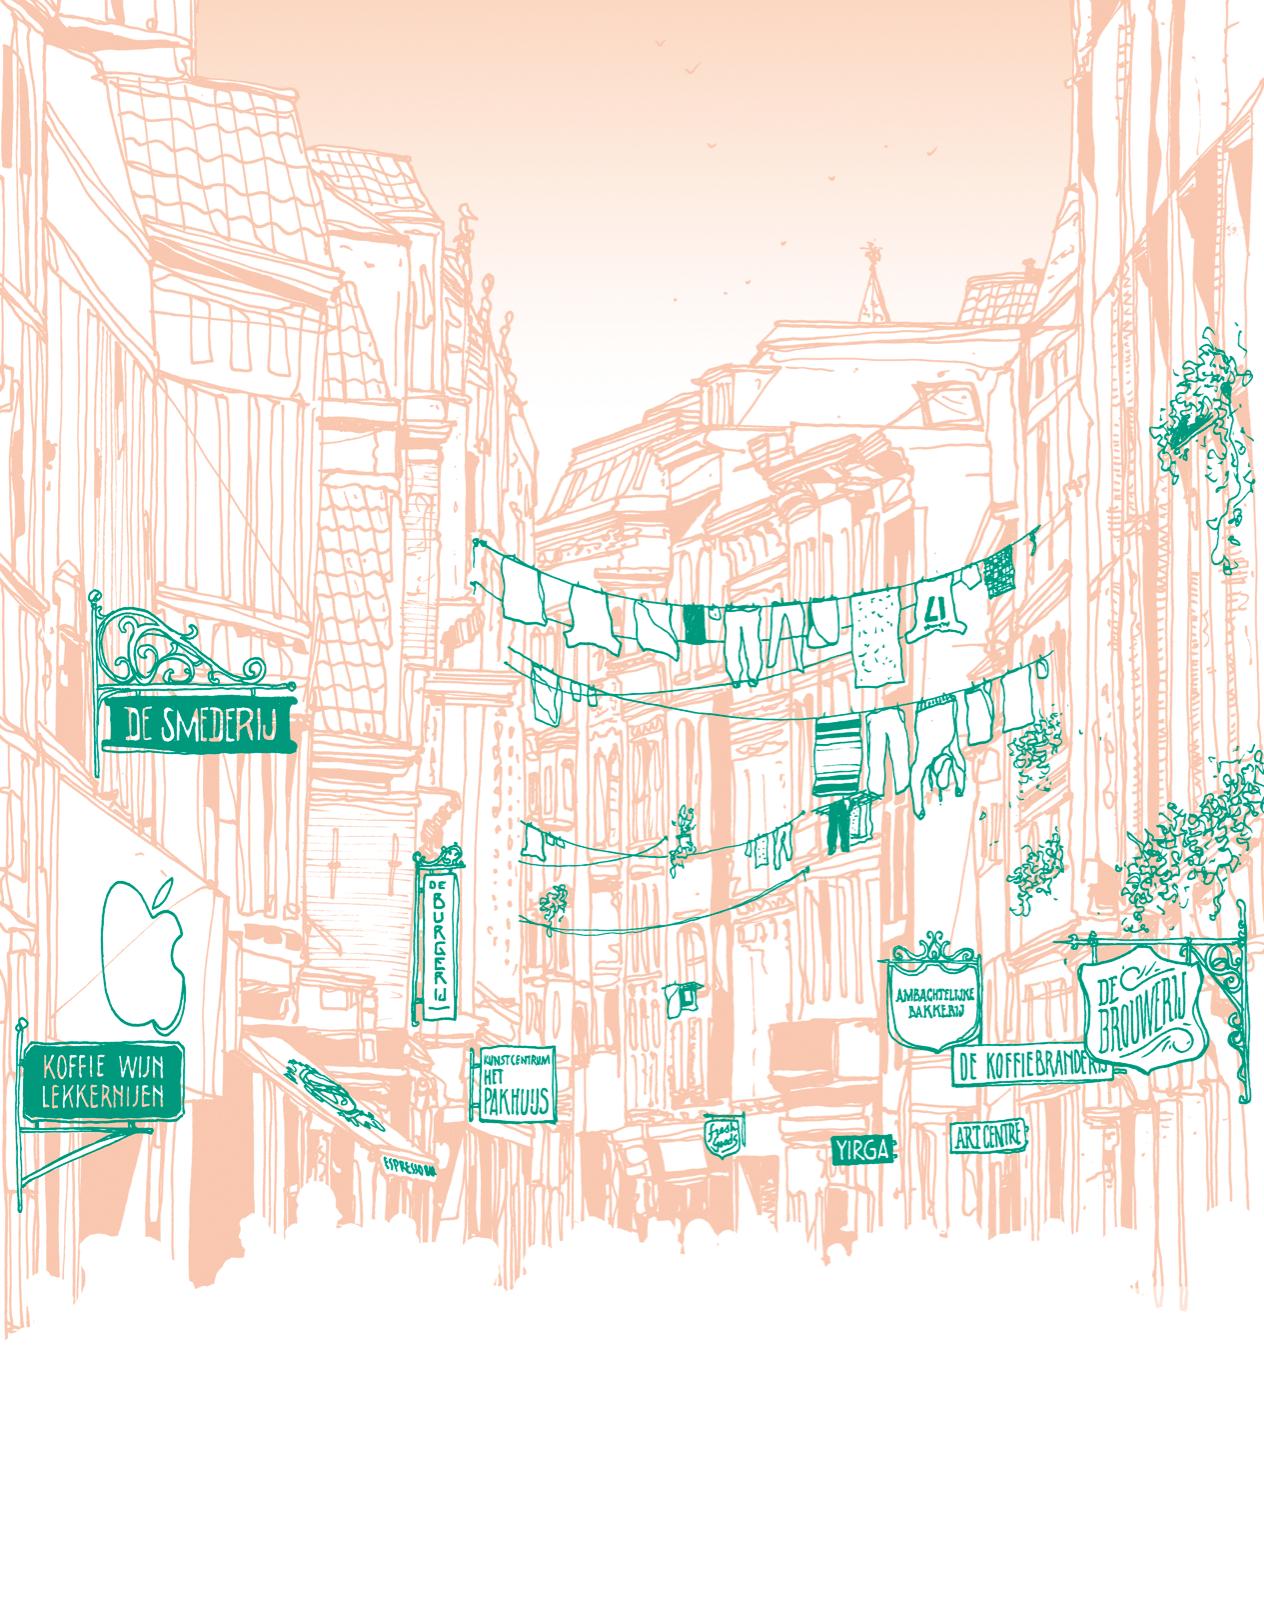 Wonen keert terug in de binnenstad, met veel koffietentjes en lunchzaken en minder winkels. Grote ketens bieden 'beleving', kleine speciaalzaken richten zich op de emo-shopper met cadeautjes, bieren, streekproducten. Verder: werkruimtes voor creatieve zzp'ers die hun producten verkopen, geholpen door hightech methodes. Illustratie: Zenk One